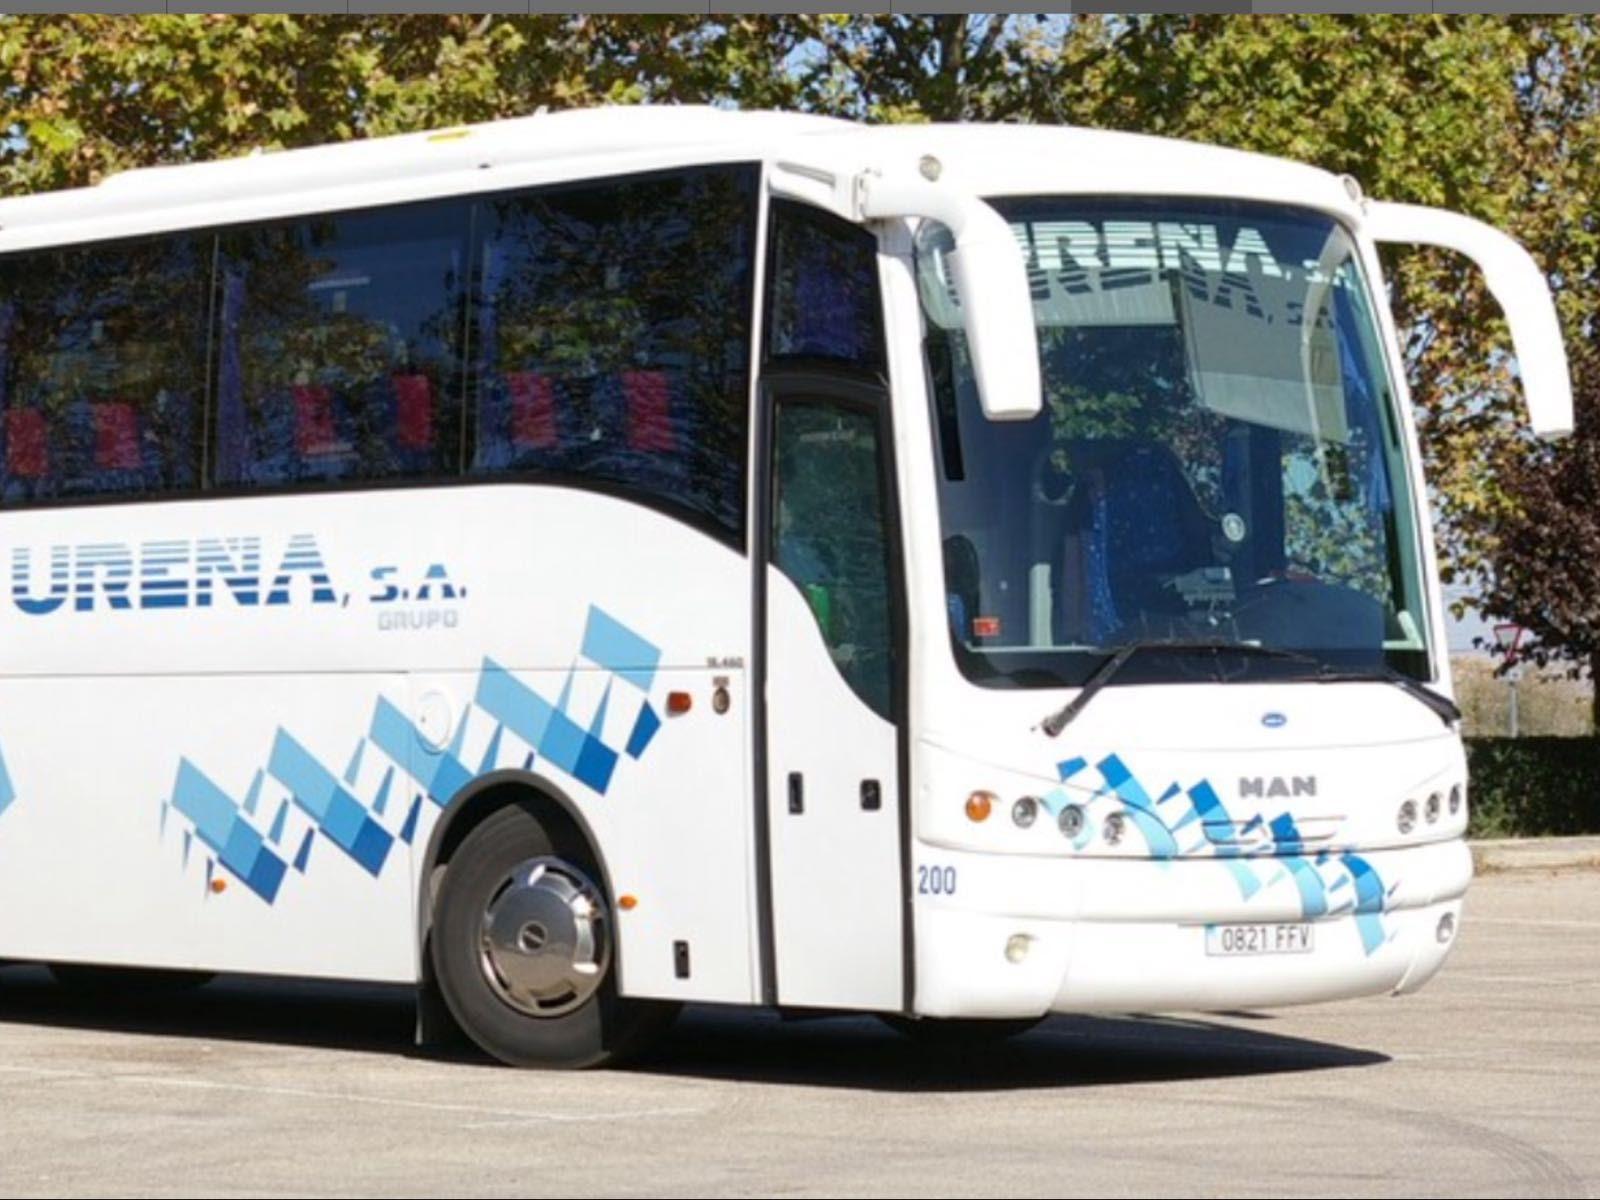 ureña bus